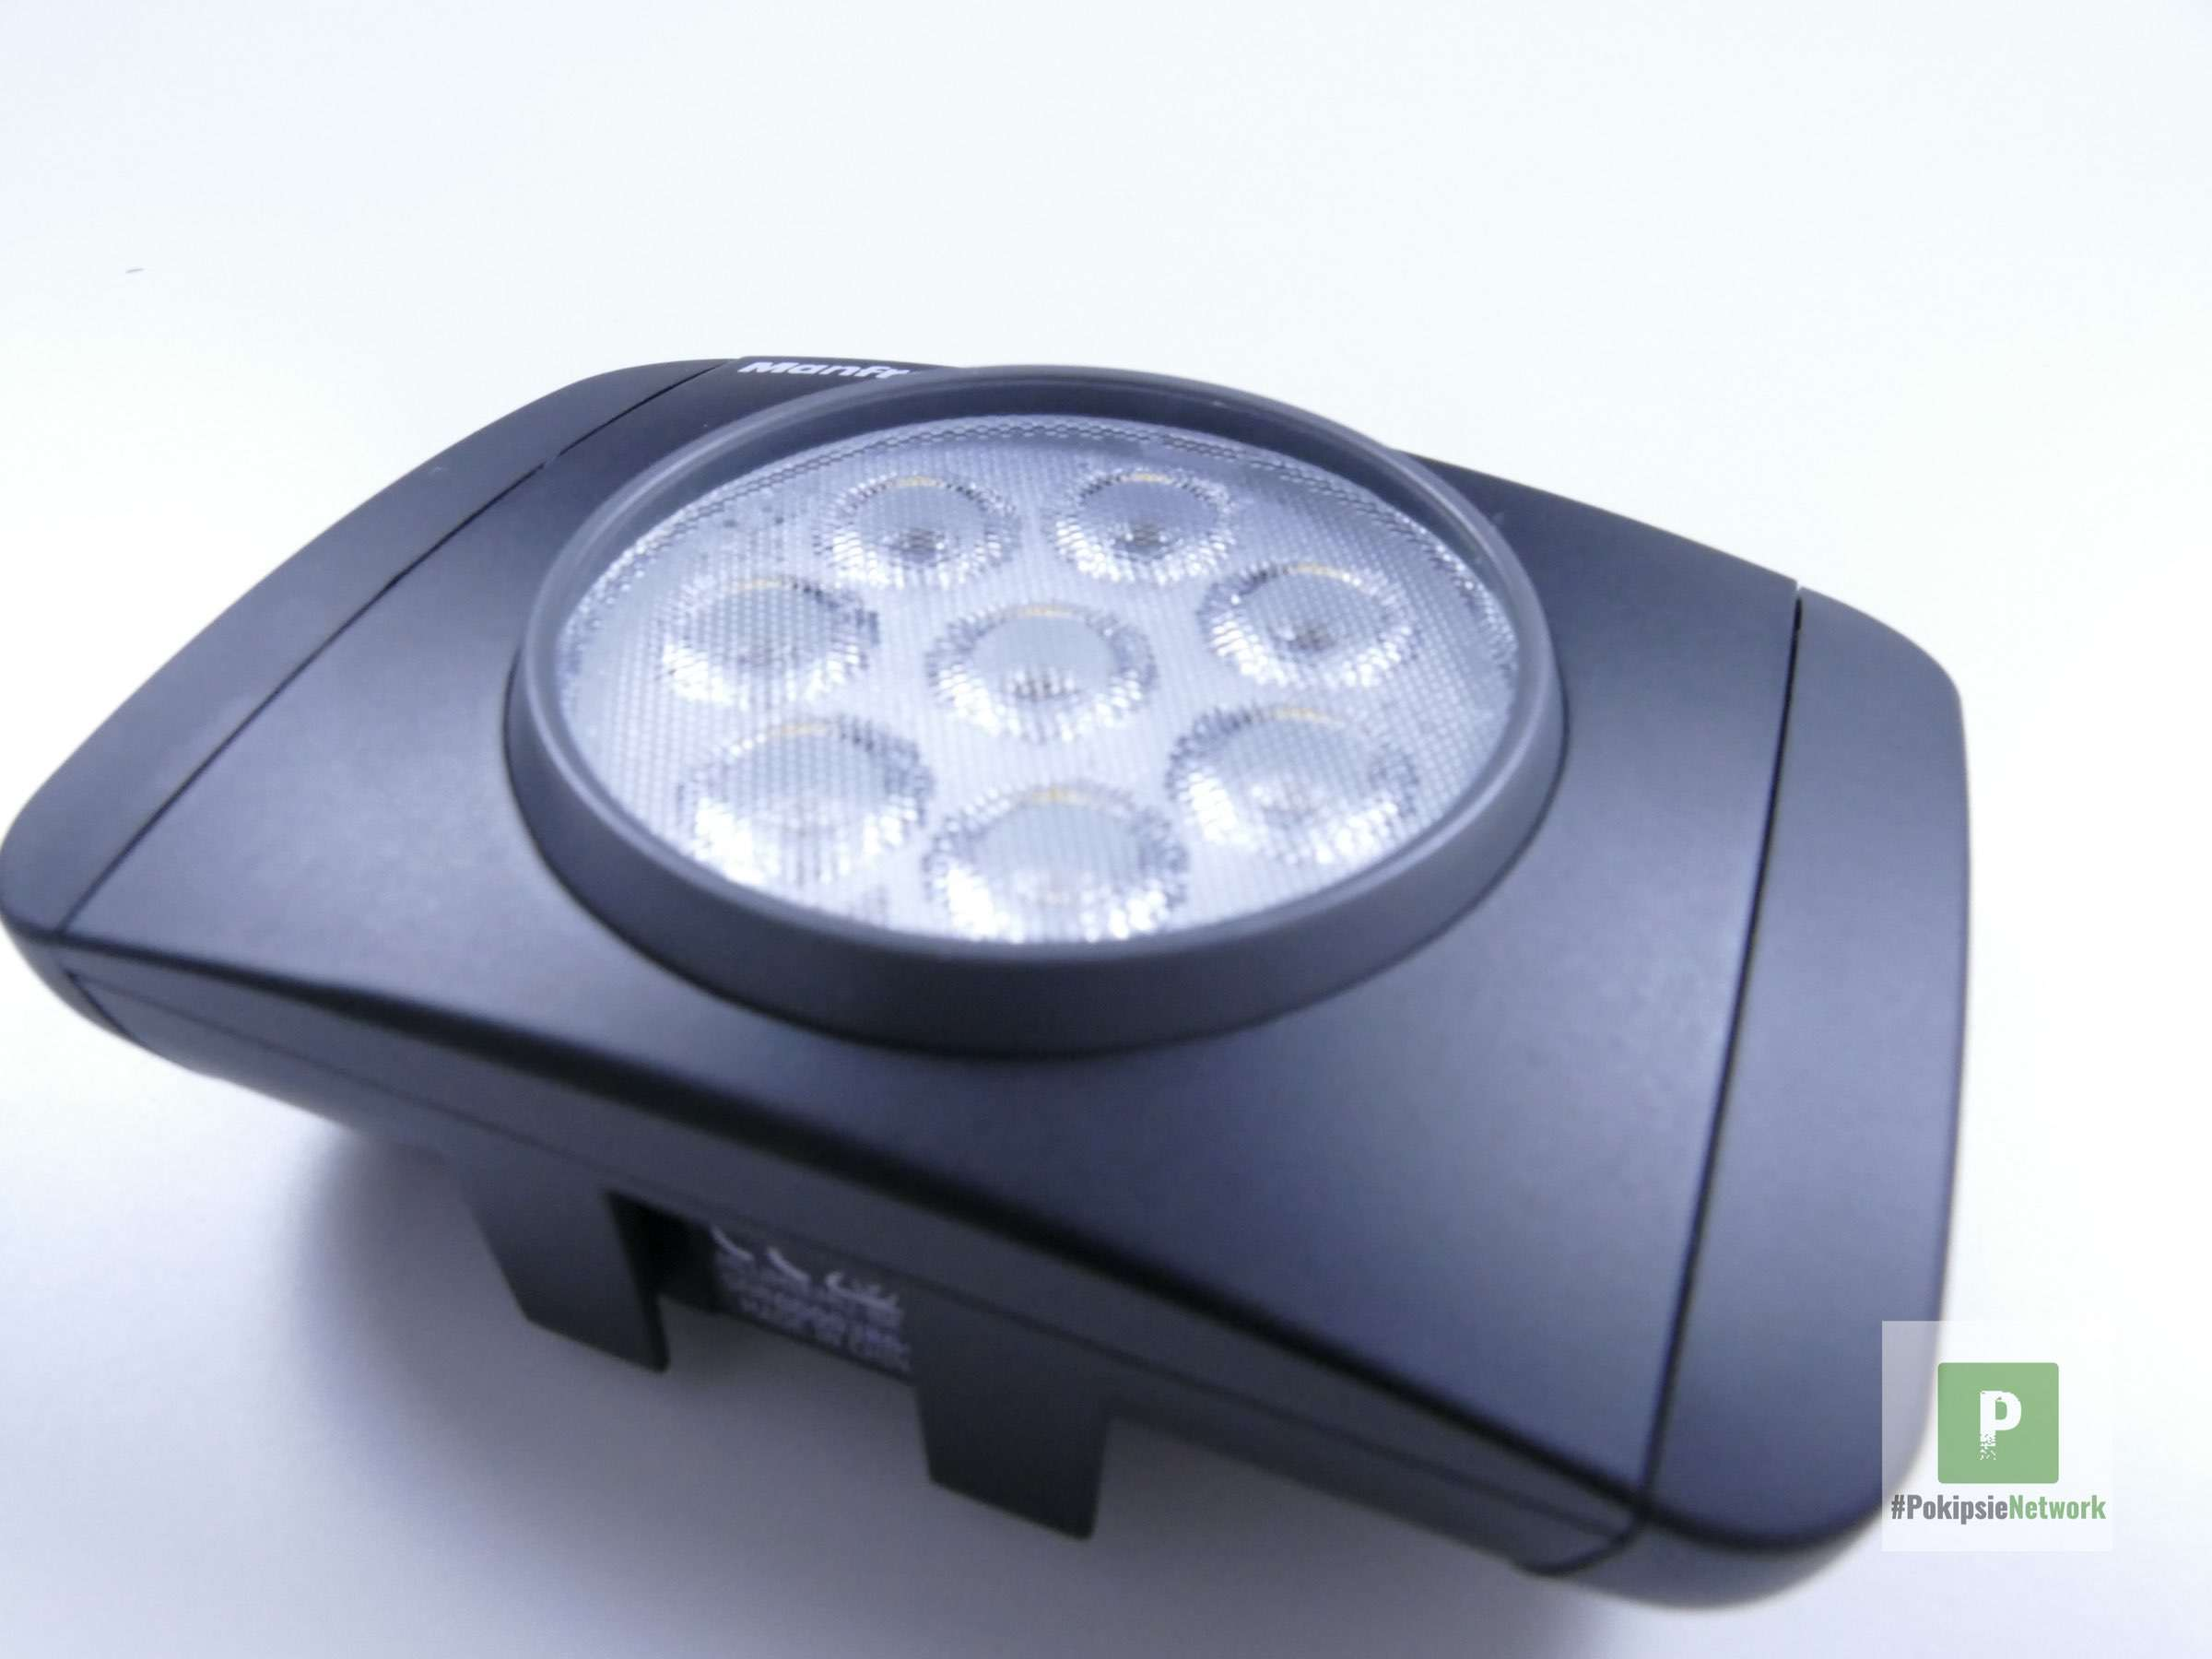 Die 8 LEDs